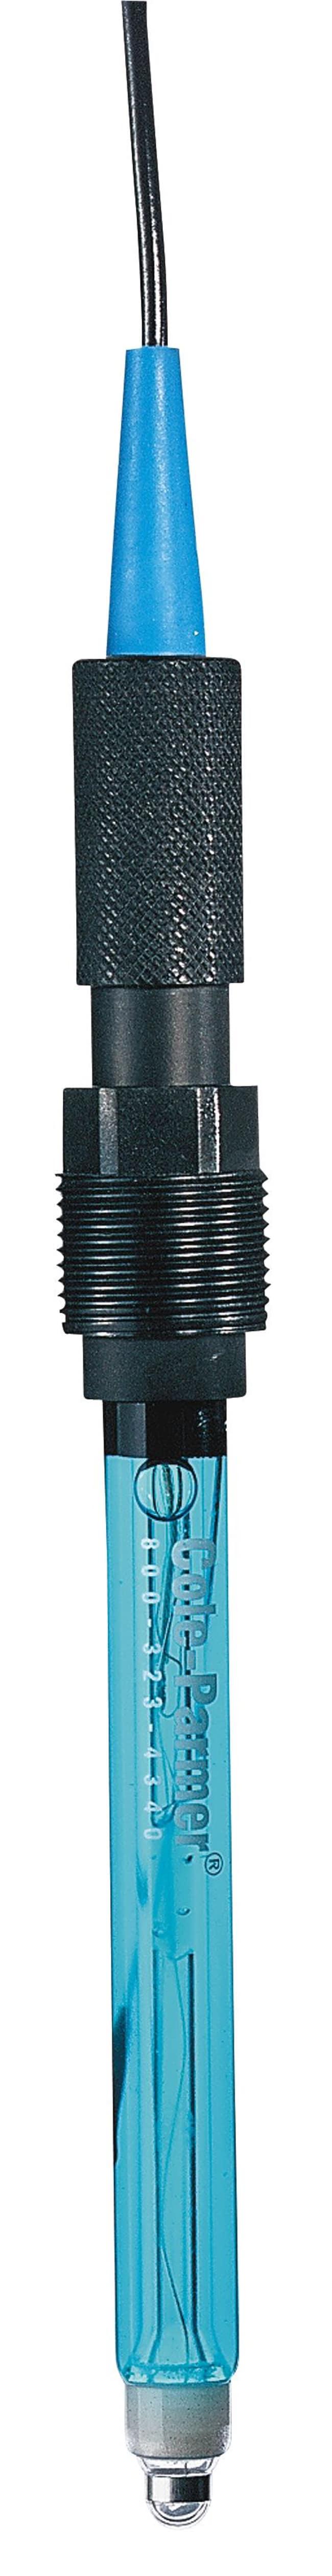 Cole-ParmerCole-Parmer Removable Double-Junction ORP Electrode